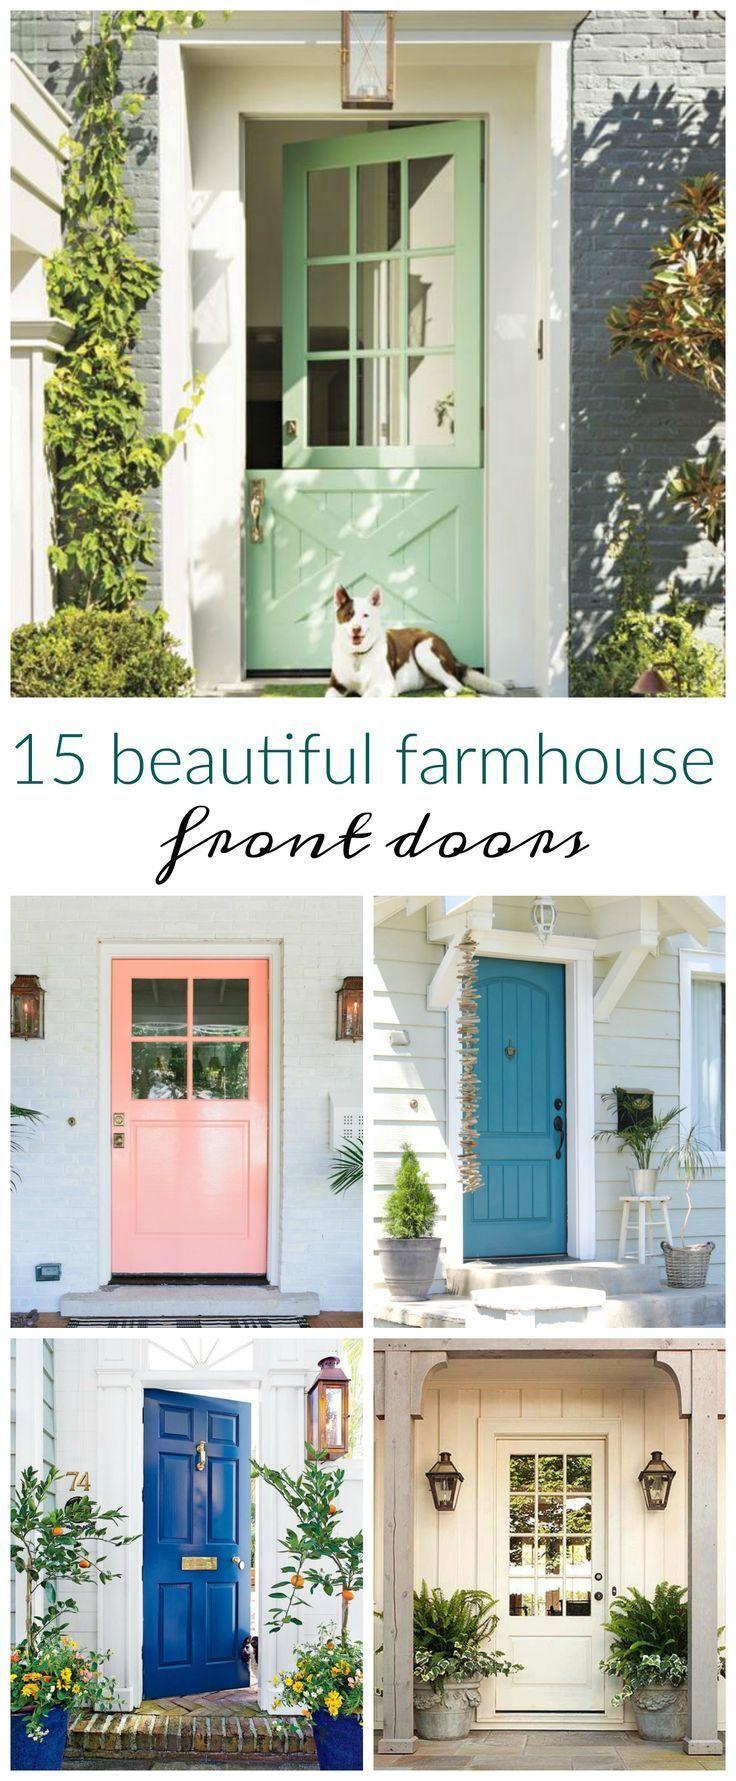 15 Beautiful Farmhouse Front Doors Matt Morris Development front and center